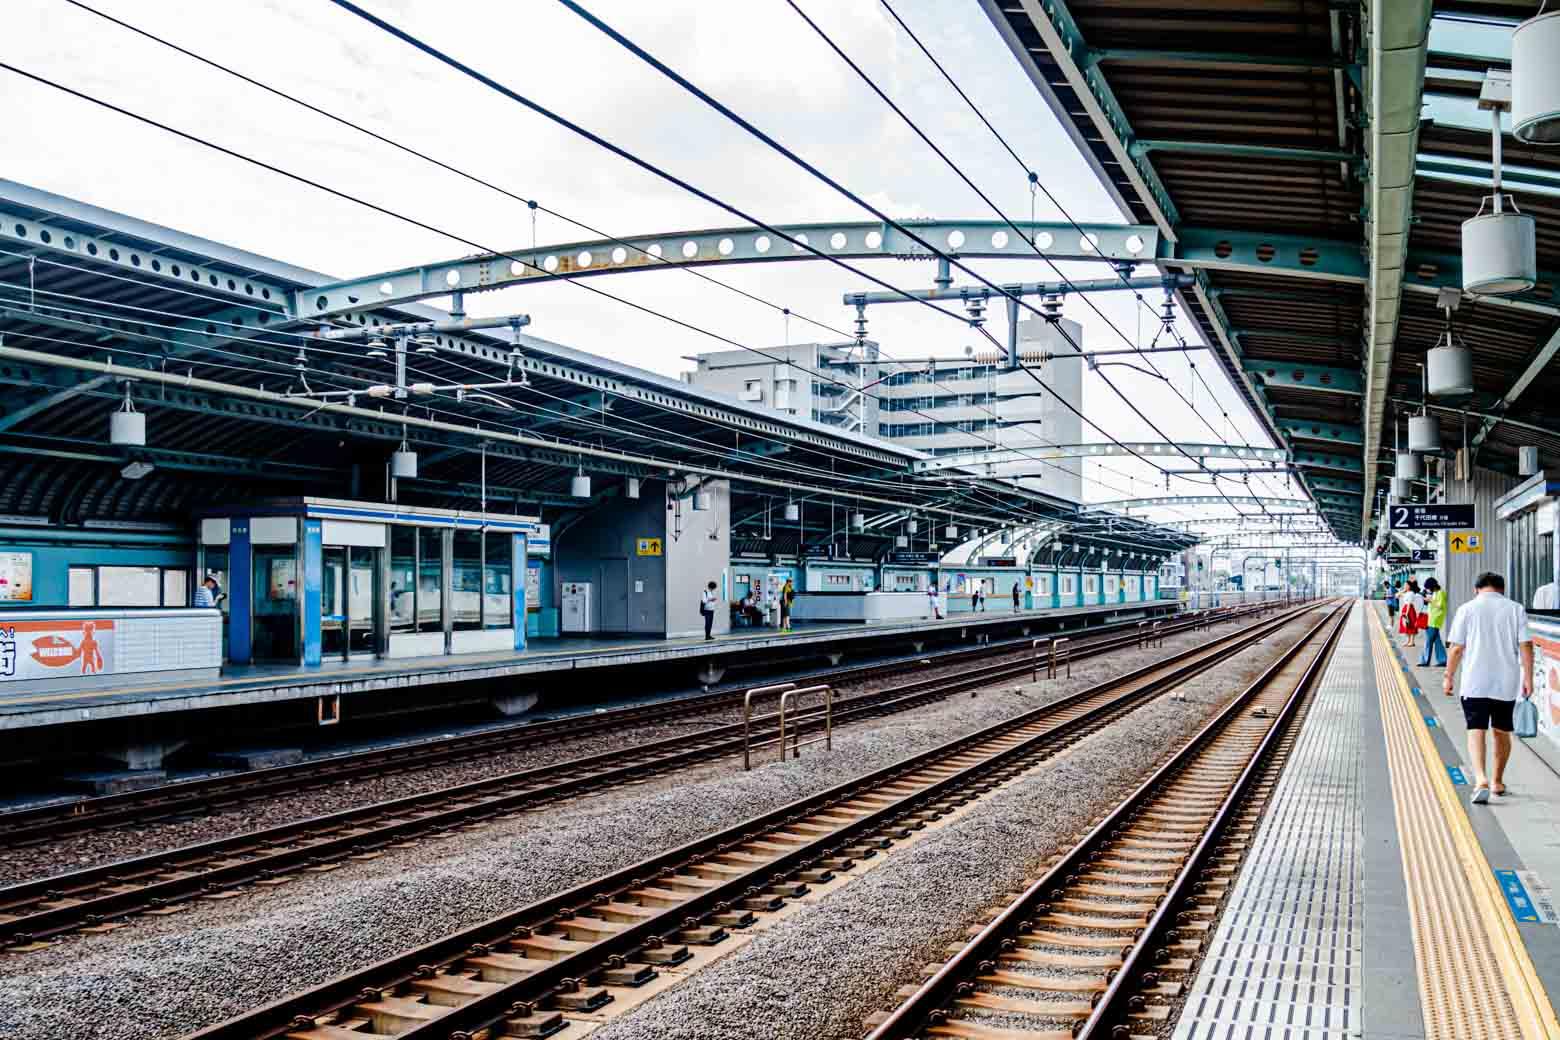 お休みの日は小田原観光……というのはどうでしょうか。